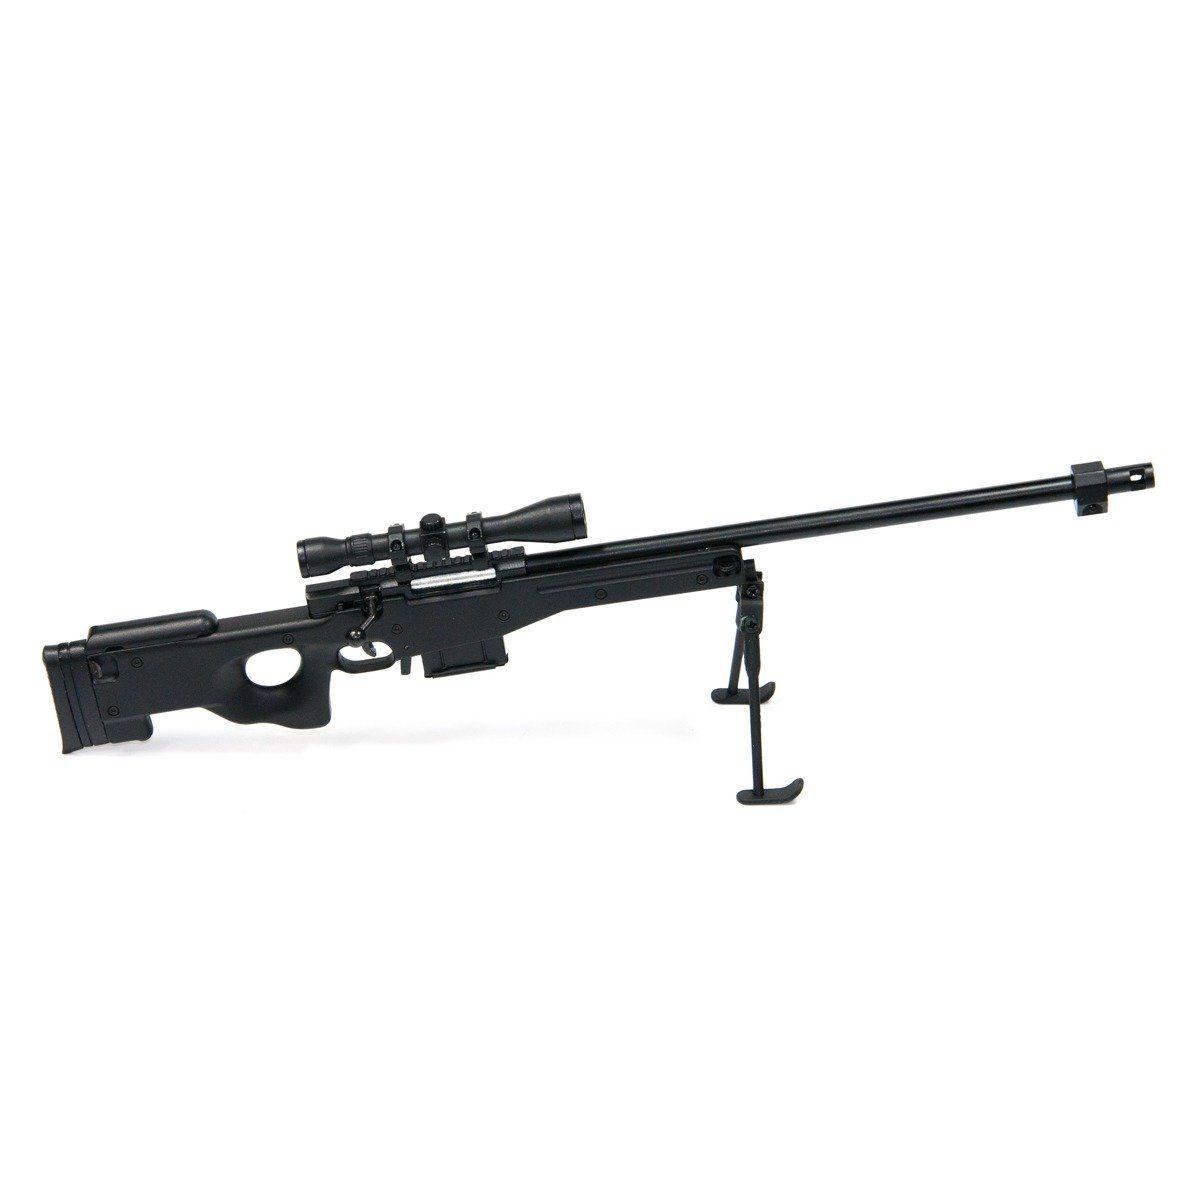 Miniatura Arma L96-black Modelo Metal - Arsenal Gun 30 Cm